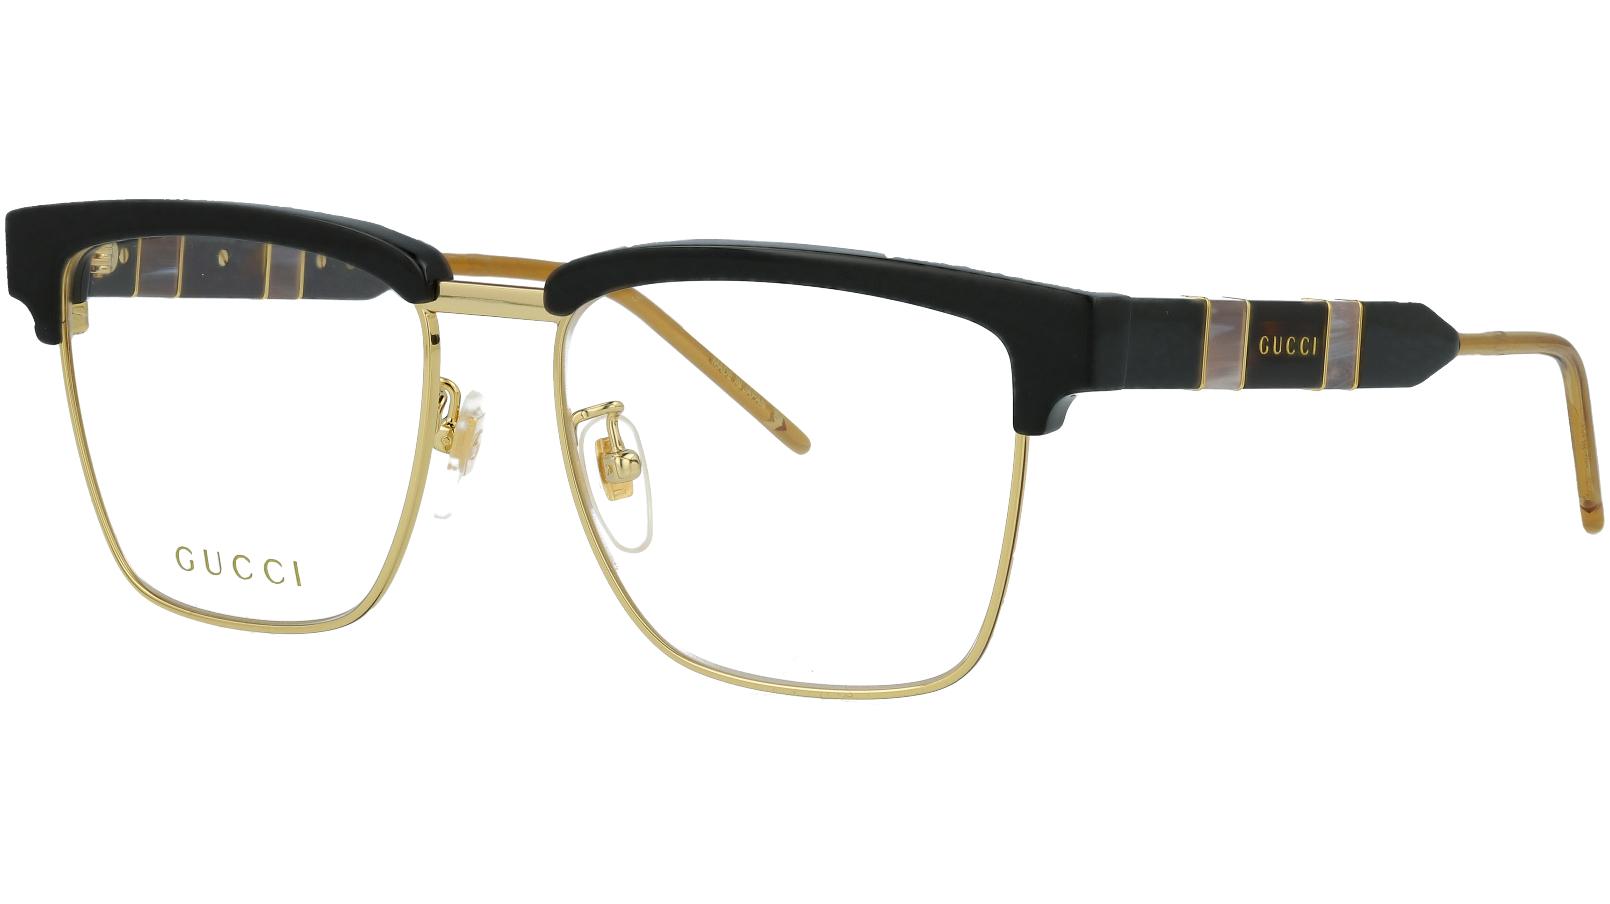 Gucci GG0605O 001 52 Black Square Glasses